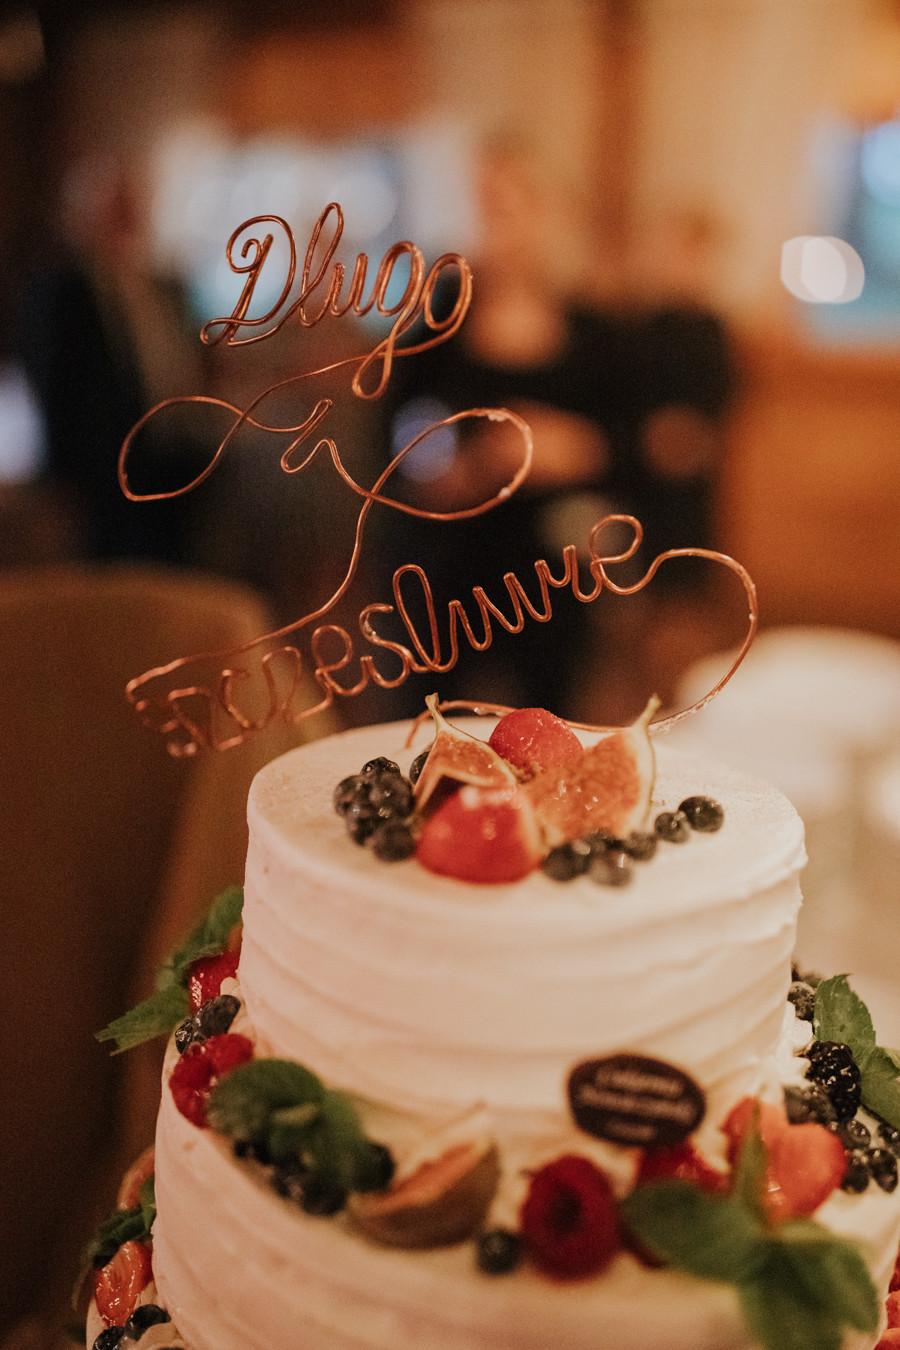 Dworek Jeziorki, reportaż ślubny w Dworku Jeziorki, Winiarnia Dworek Jeziorki, rustykalne wesele, wesele w stodole, boho ślub, boho wesele, fotograf ślubny Poznań, girlandy na ślubie, plener w dniu ślubu